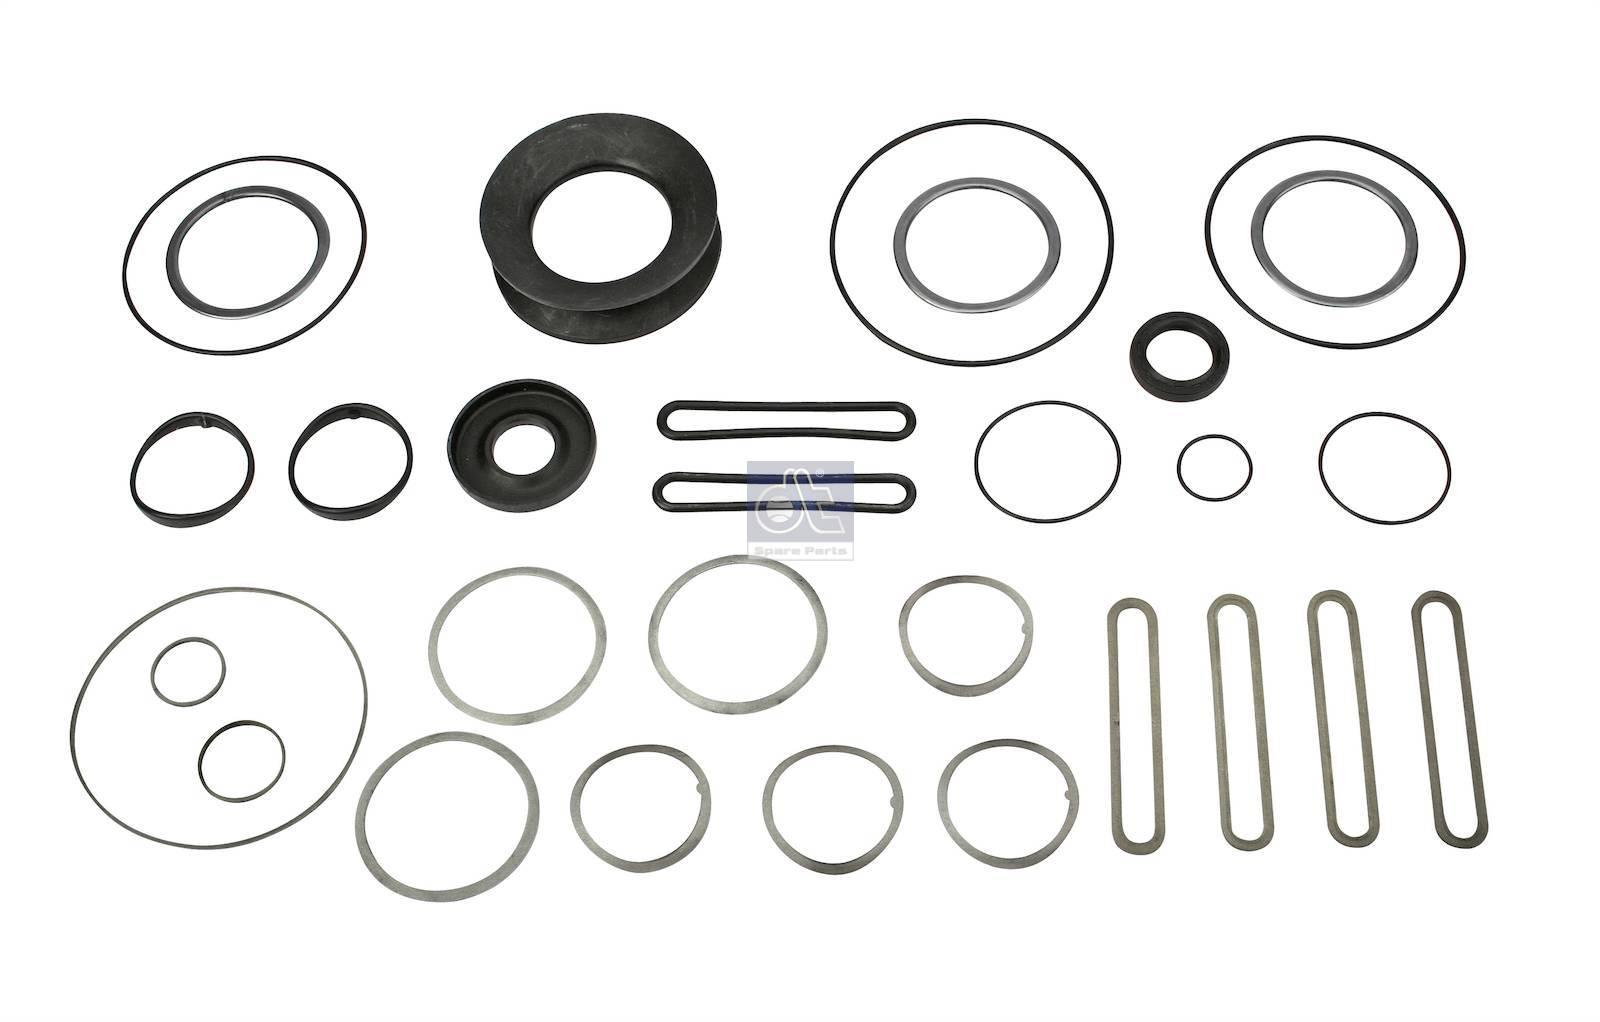 Dt 1 Repair Kit Steering Gear Suitable For